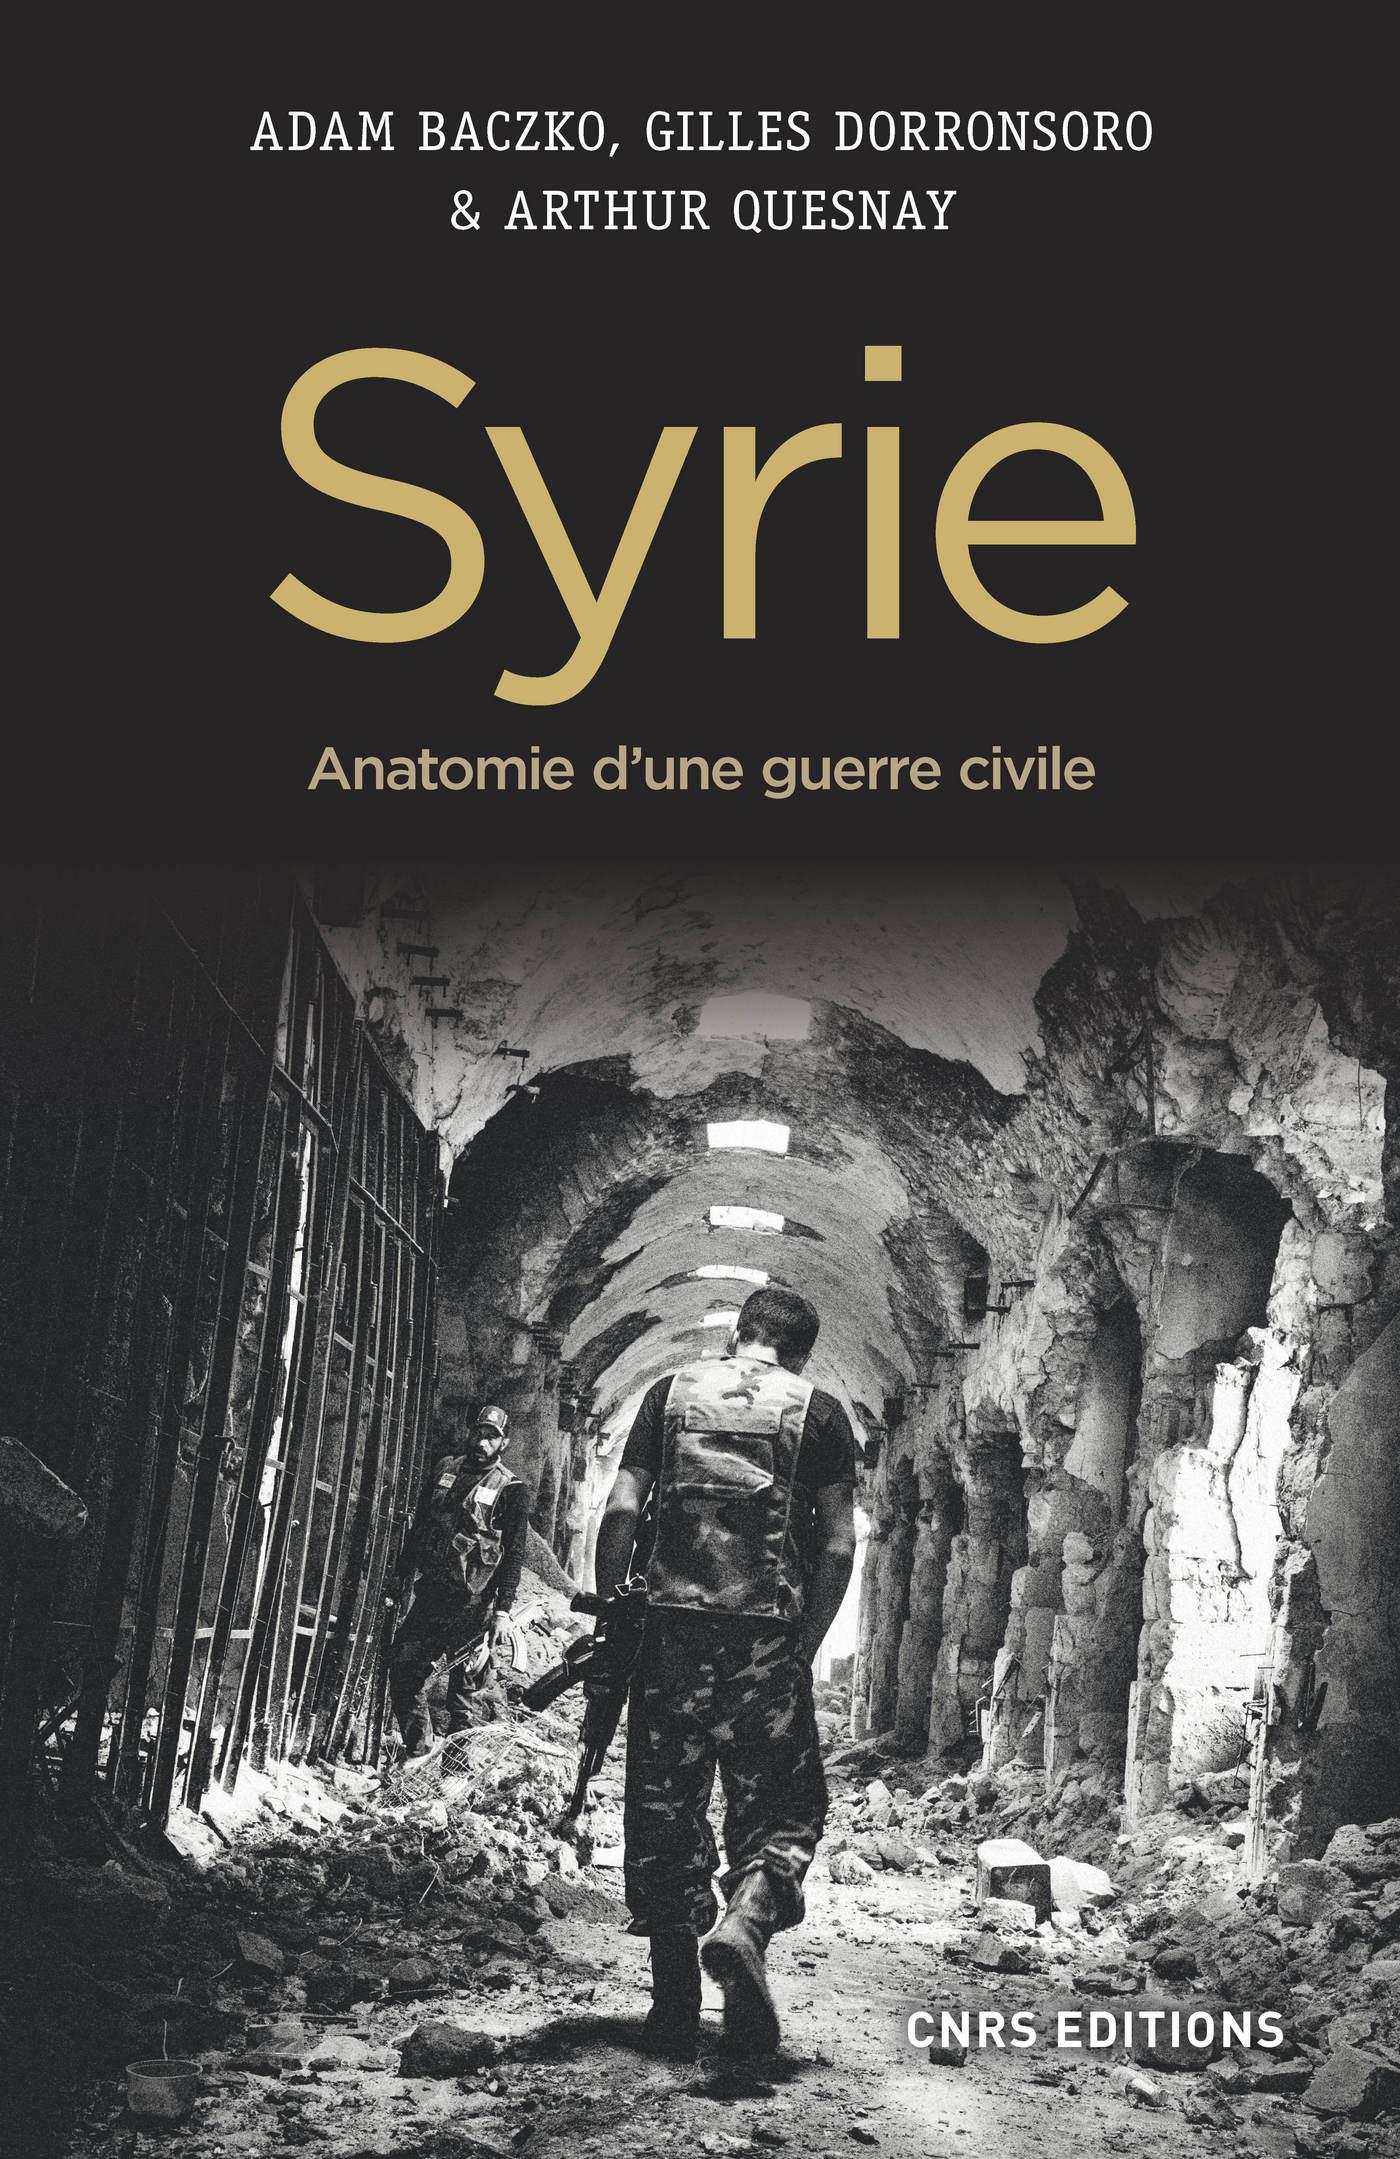 Syrie. Anatomie d'une guerre civile